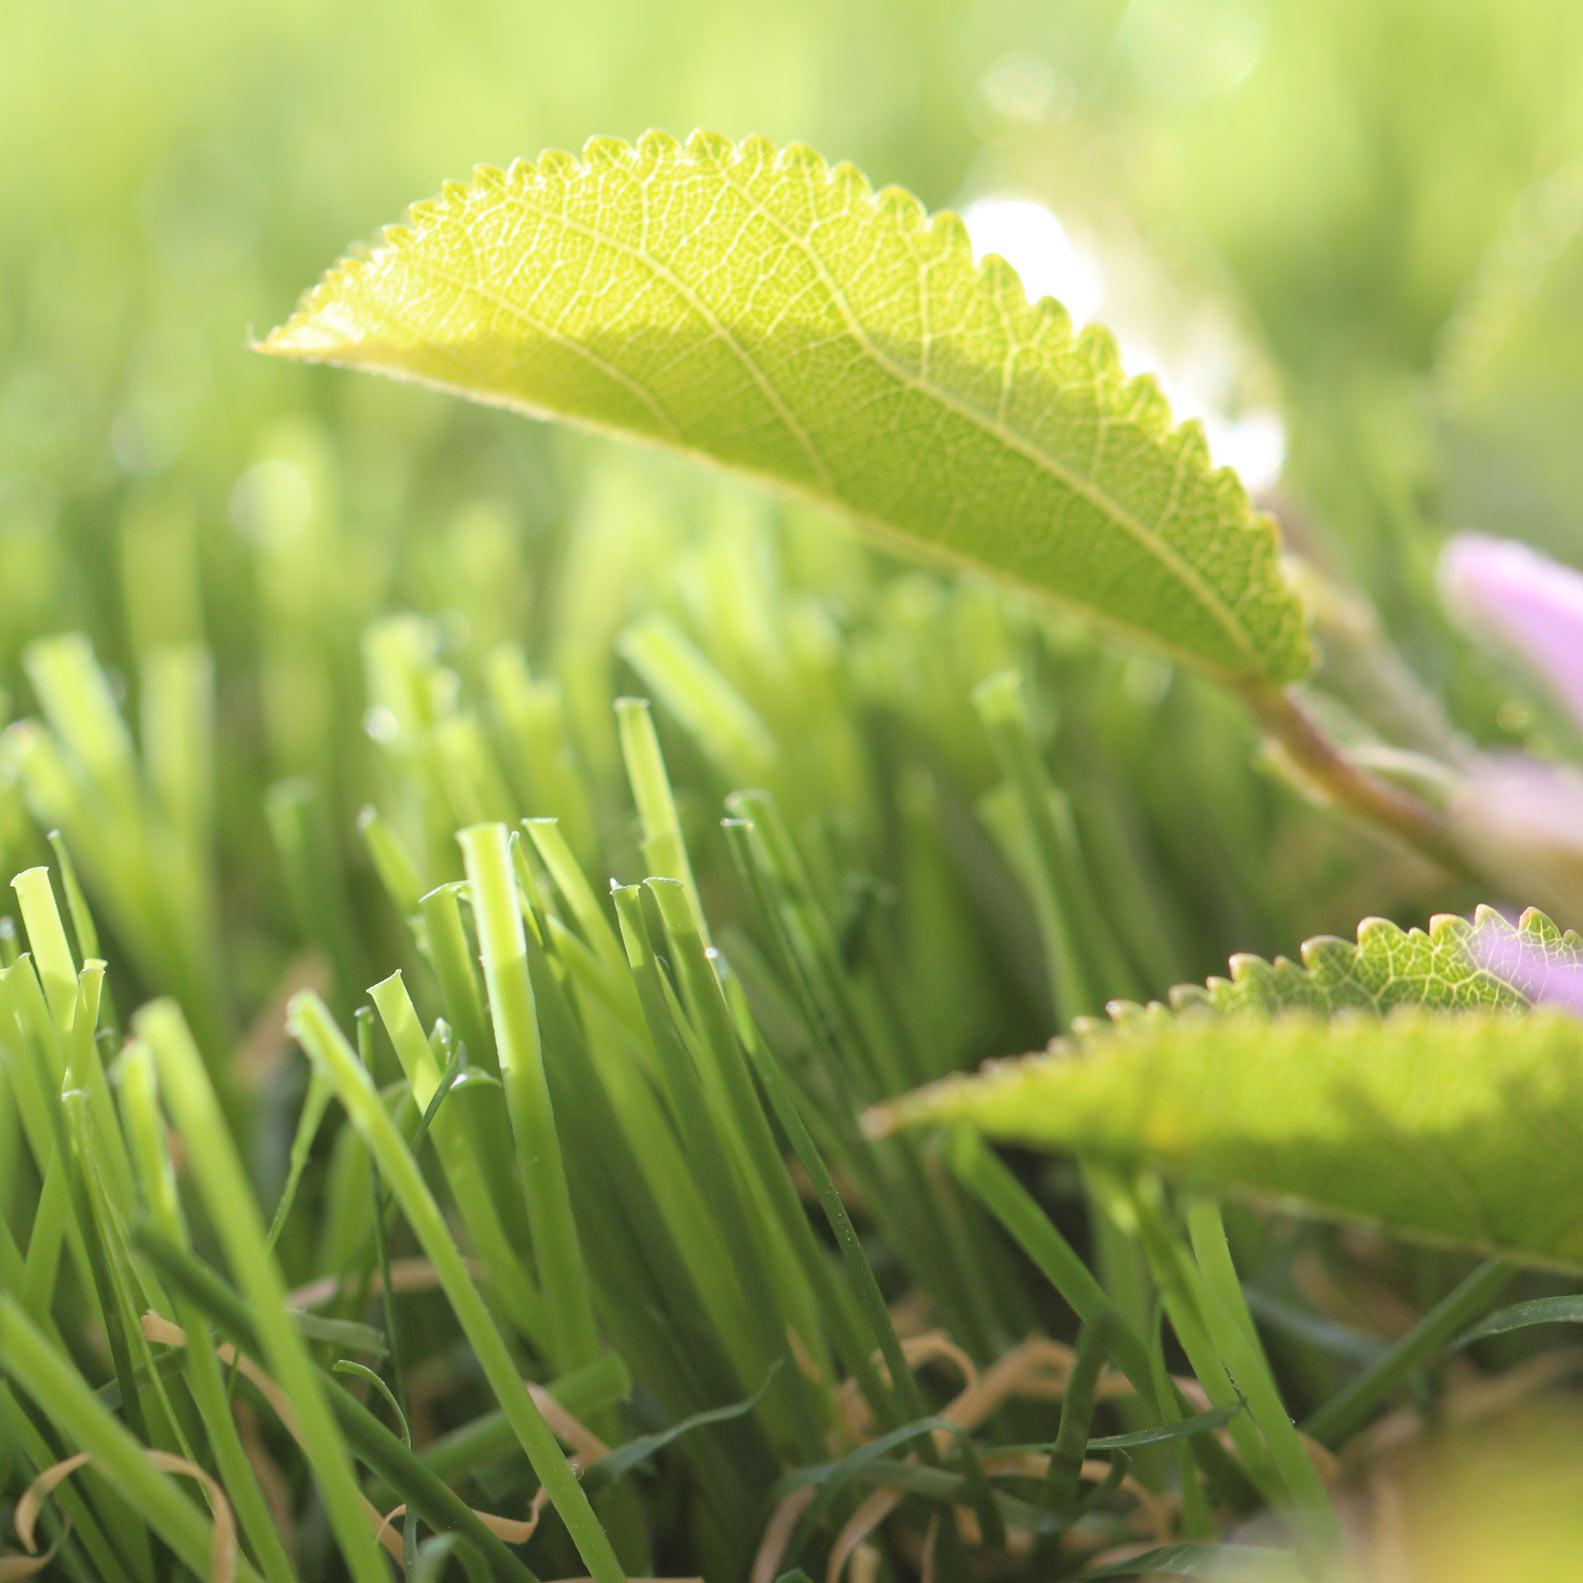 Sierra artificial grass 94 ounces